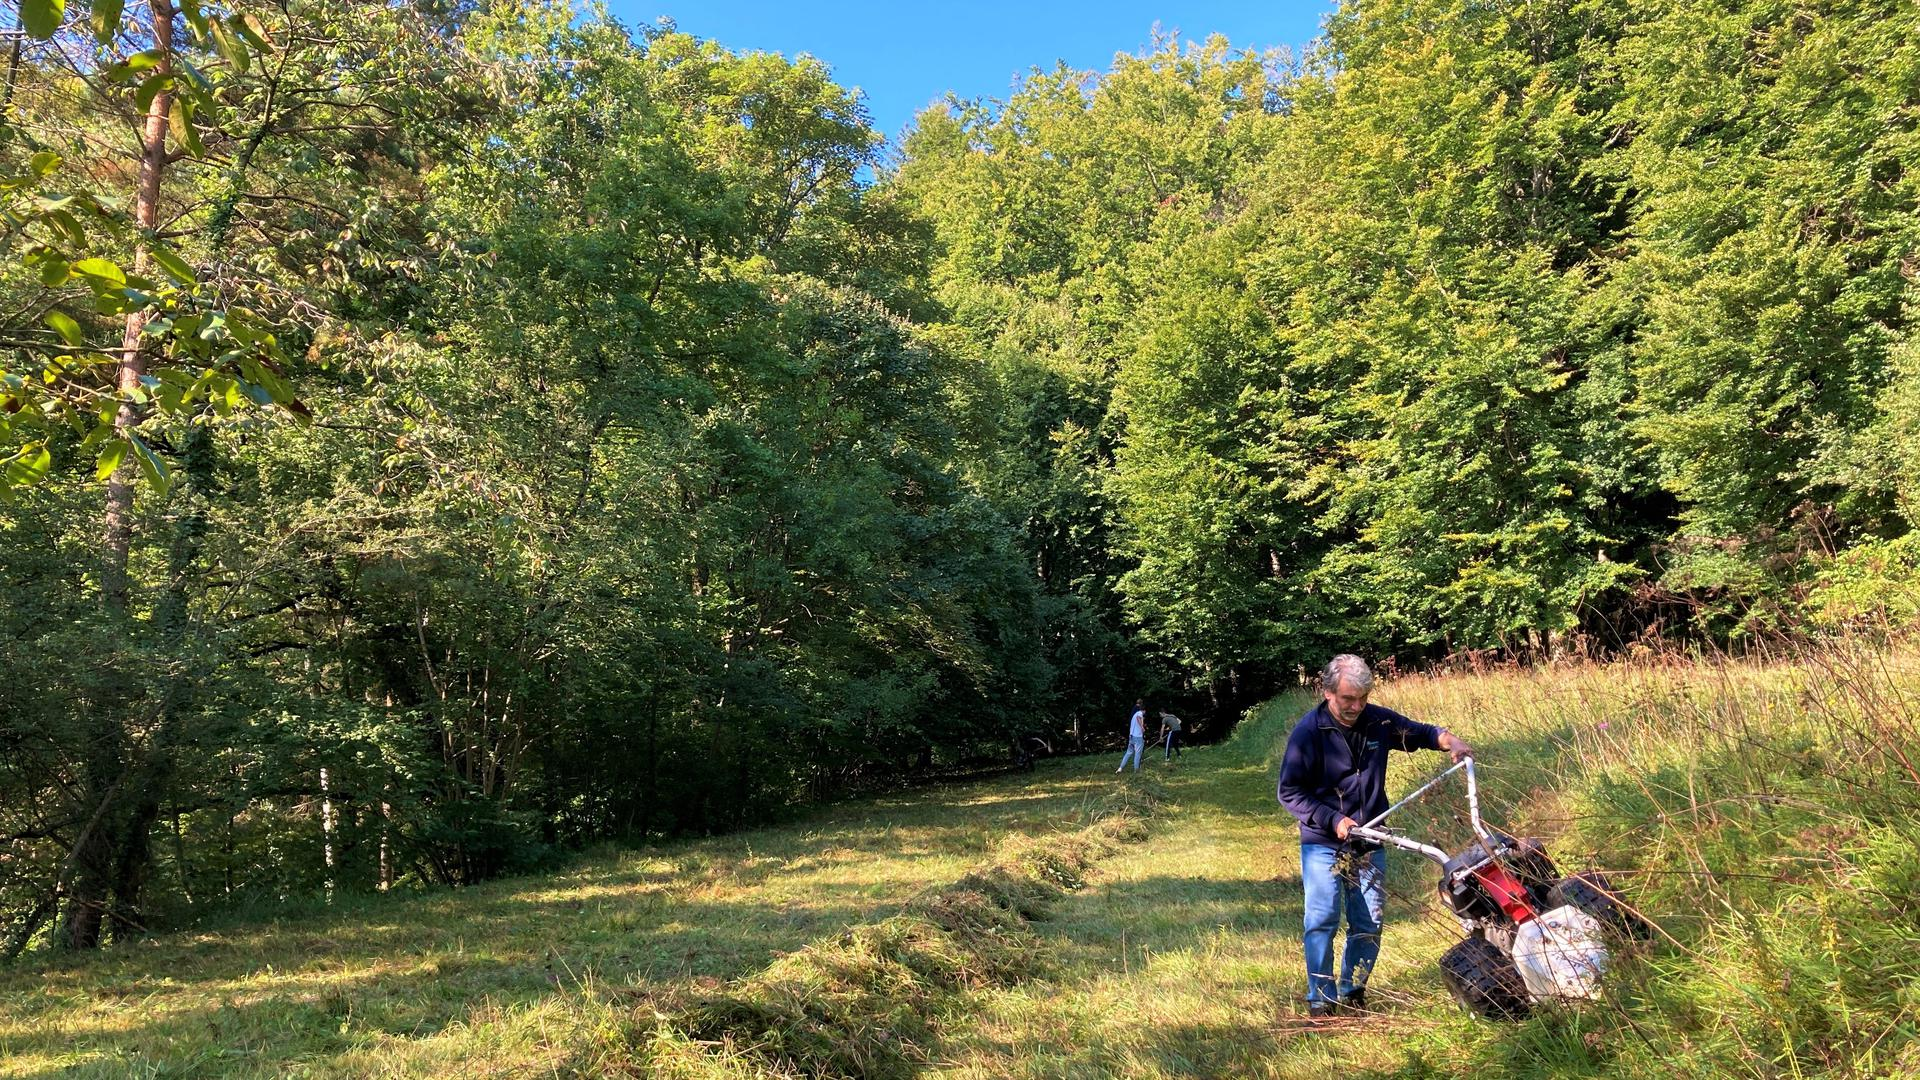 Landschaftspflege: Mit dem Balkenmäher arbeitet Thomas Adam vom Verein für Umwelt- und Naturschutz Untergrombach vor, während im Hintergrund straffällig gewordene Jugendliche und Erwachsene ihre Sozialstunden bei der Landschaftspflege abarbeiten.